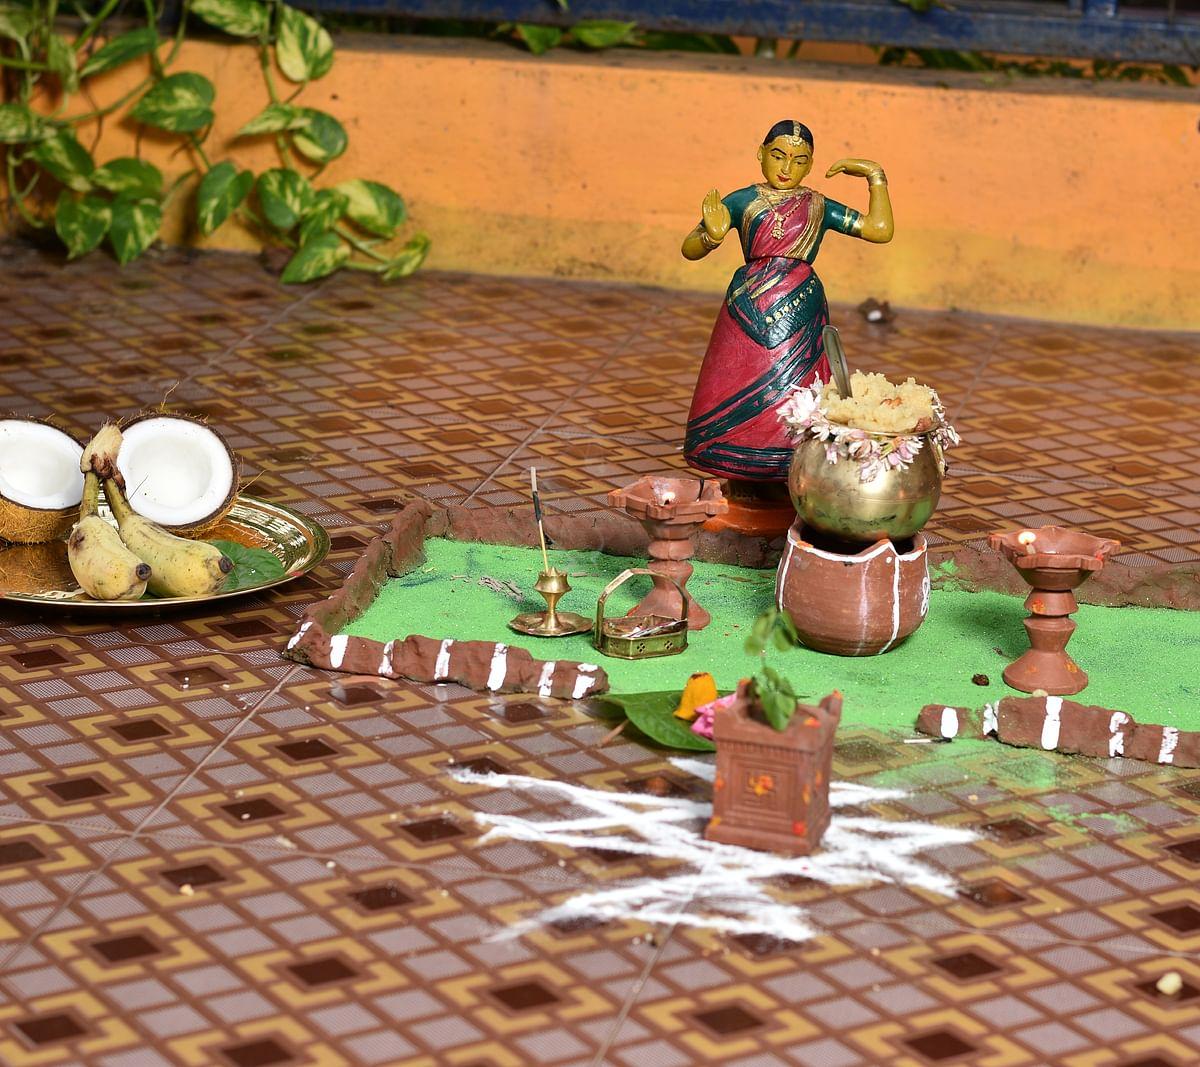 பொங்கல் - அதிகாலை சுபவேளை